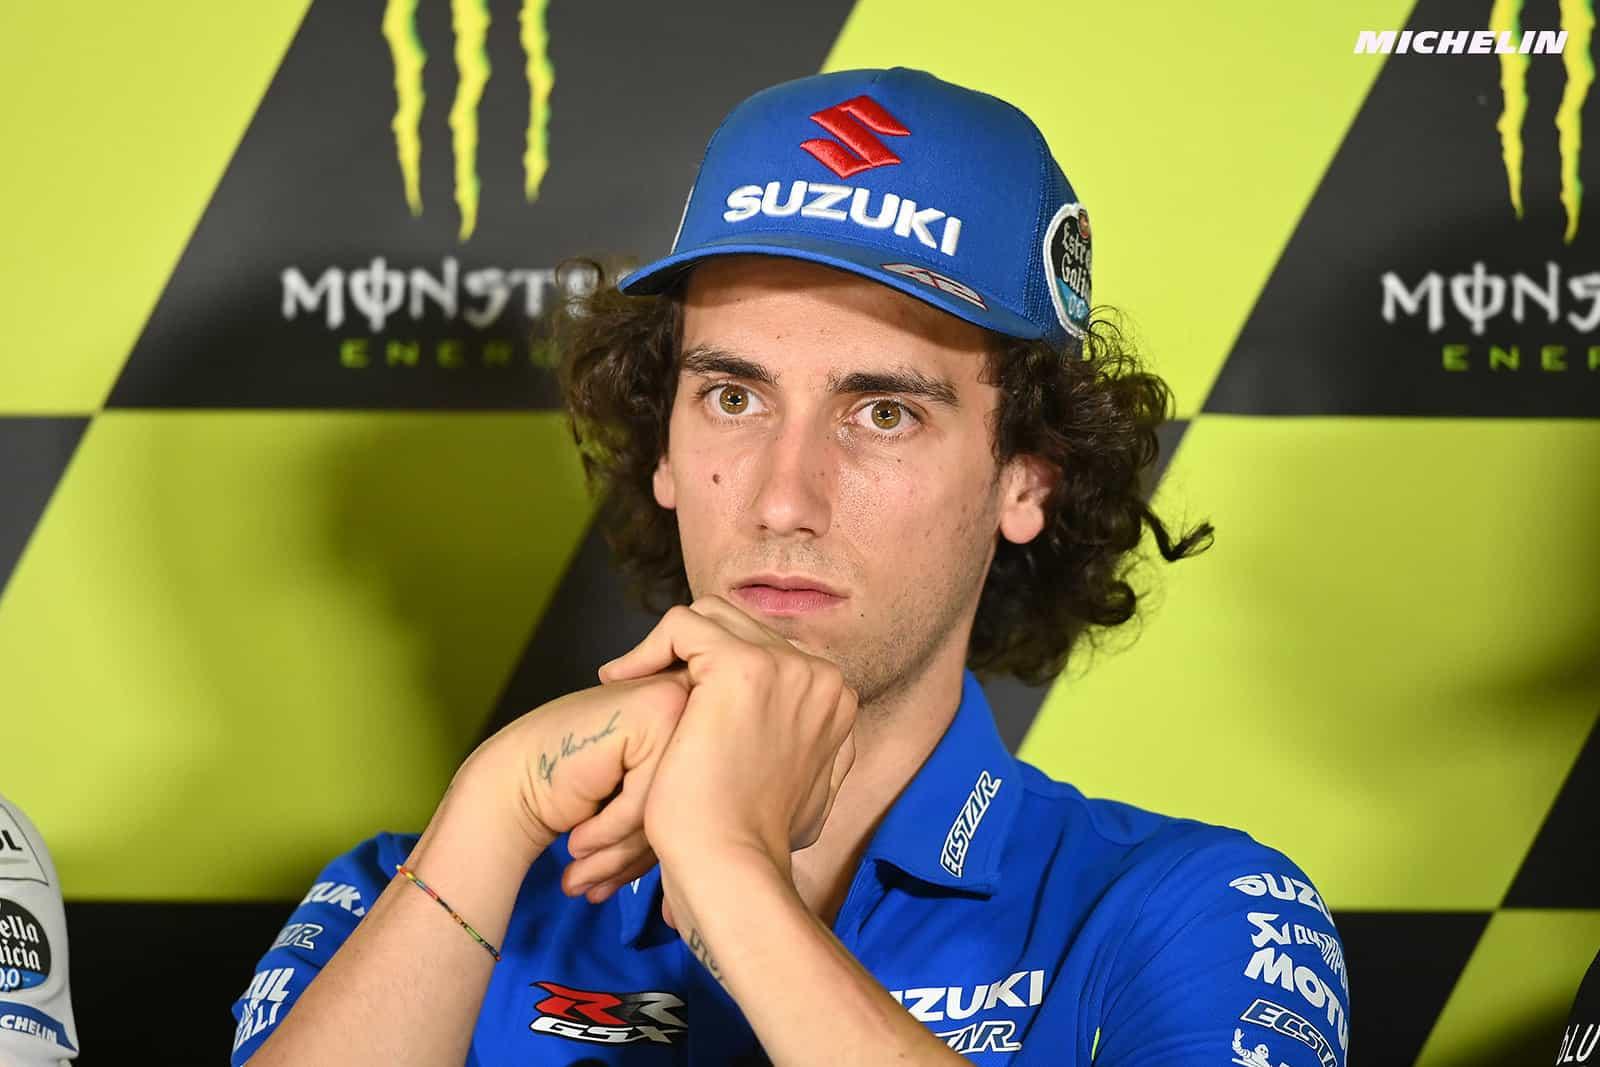 MotoGP2019カタルーニャGP リンス「スズキは全力で作業してくれている」